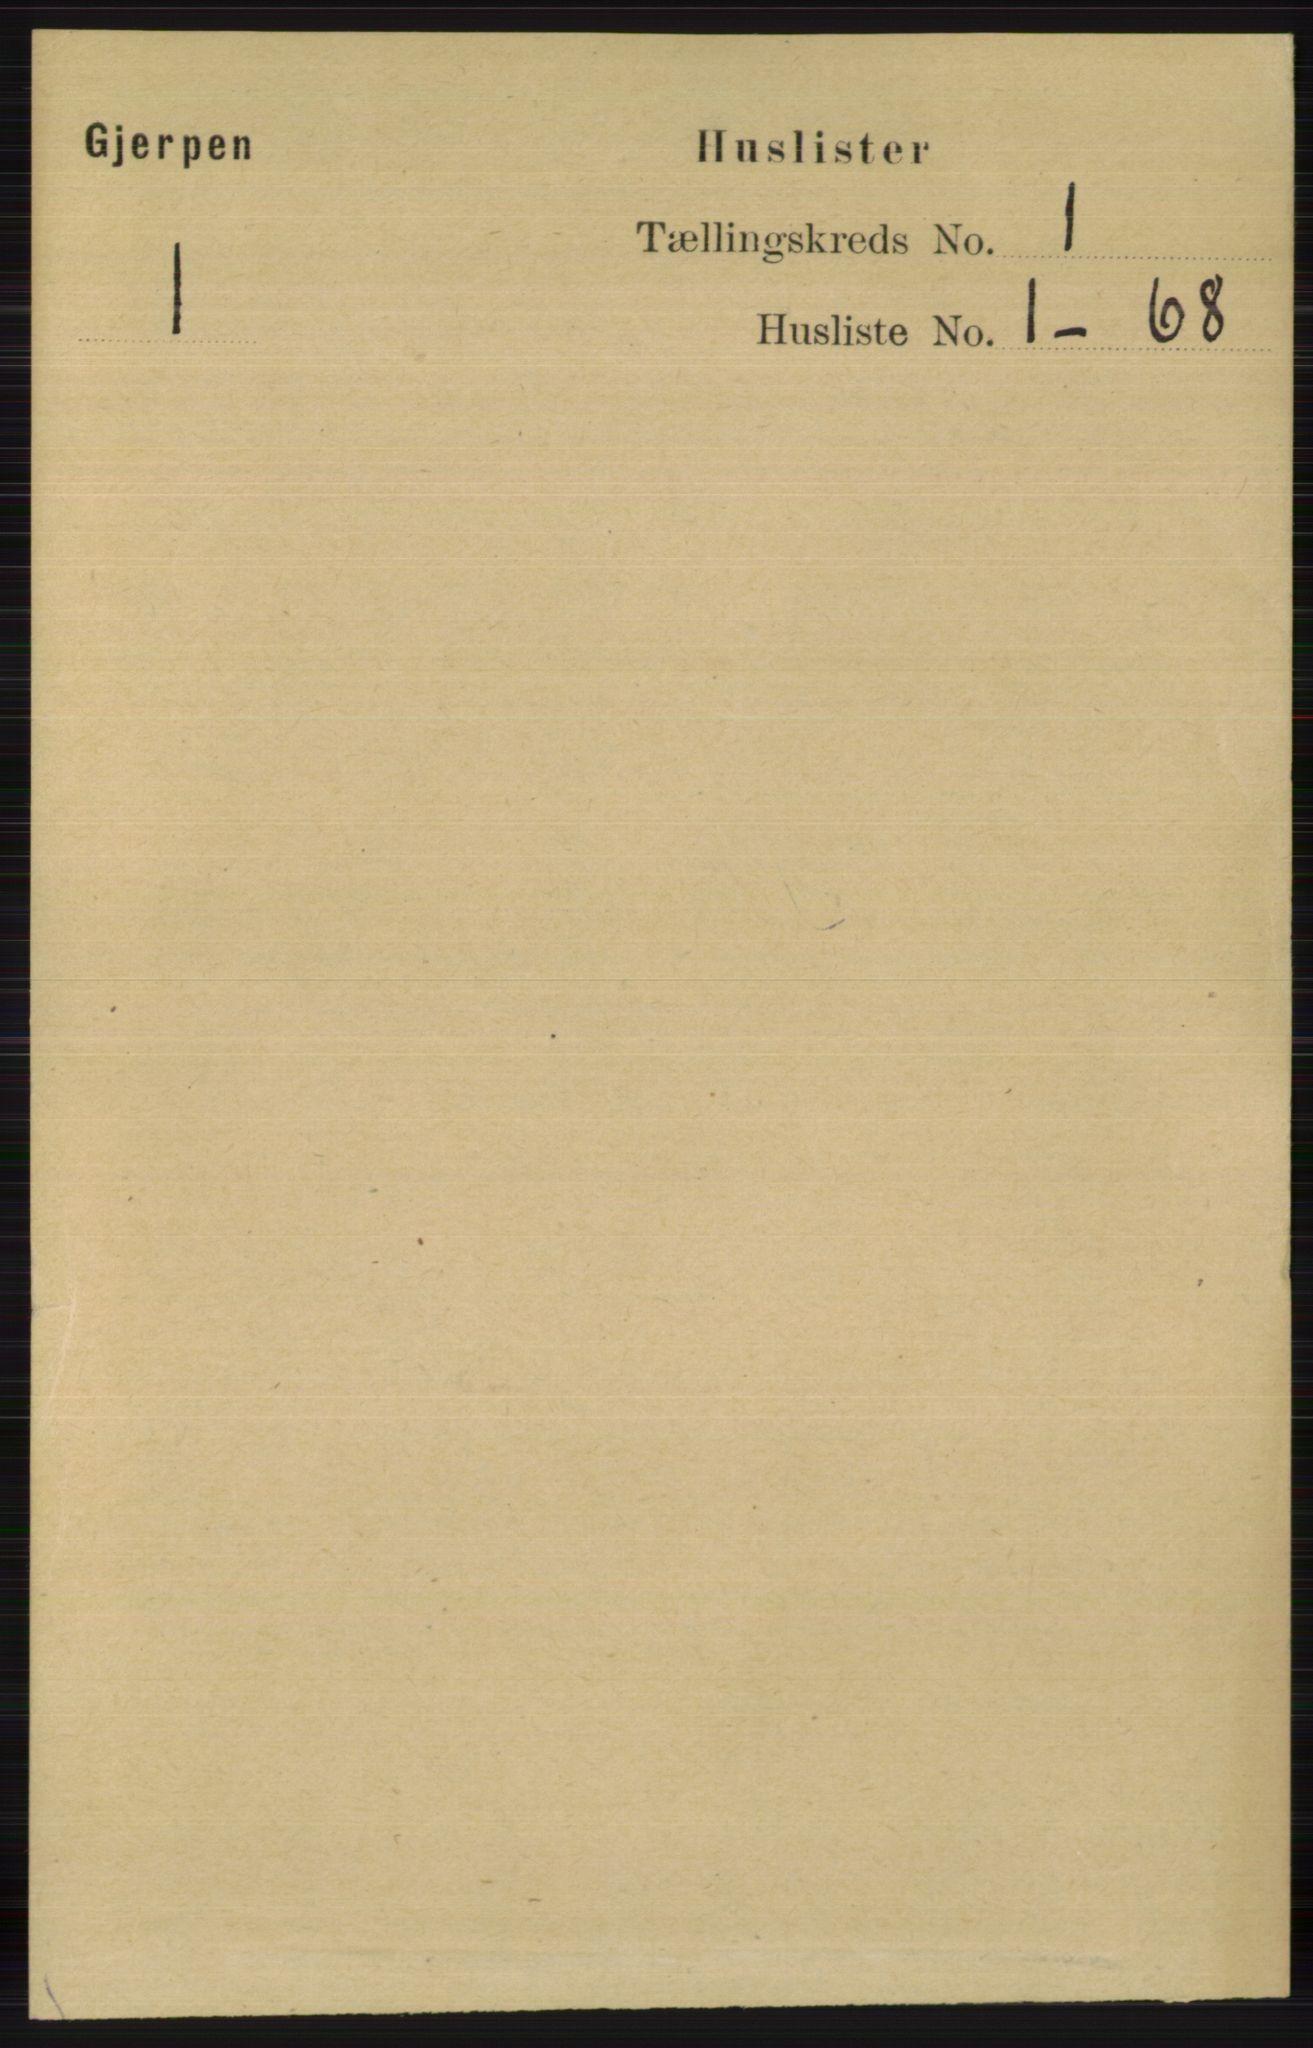 RA, Folketelling 1891 for 0812 Gjerpen herred, 1891, s. 35